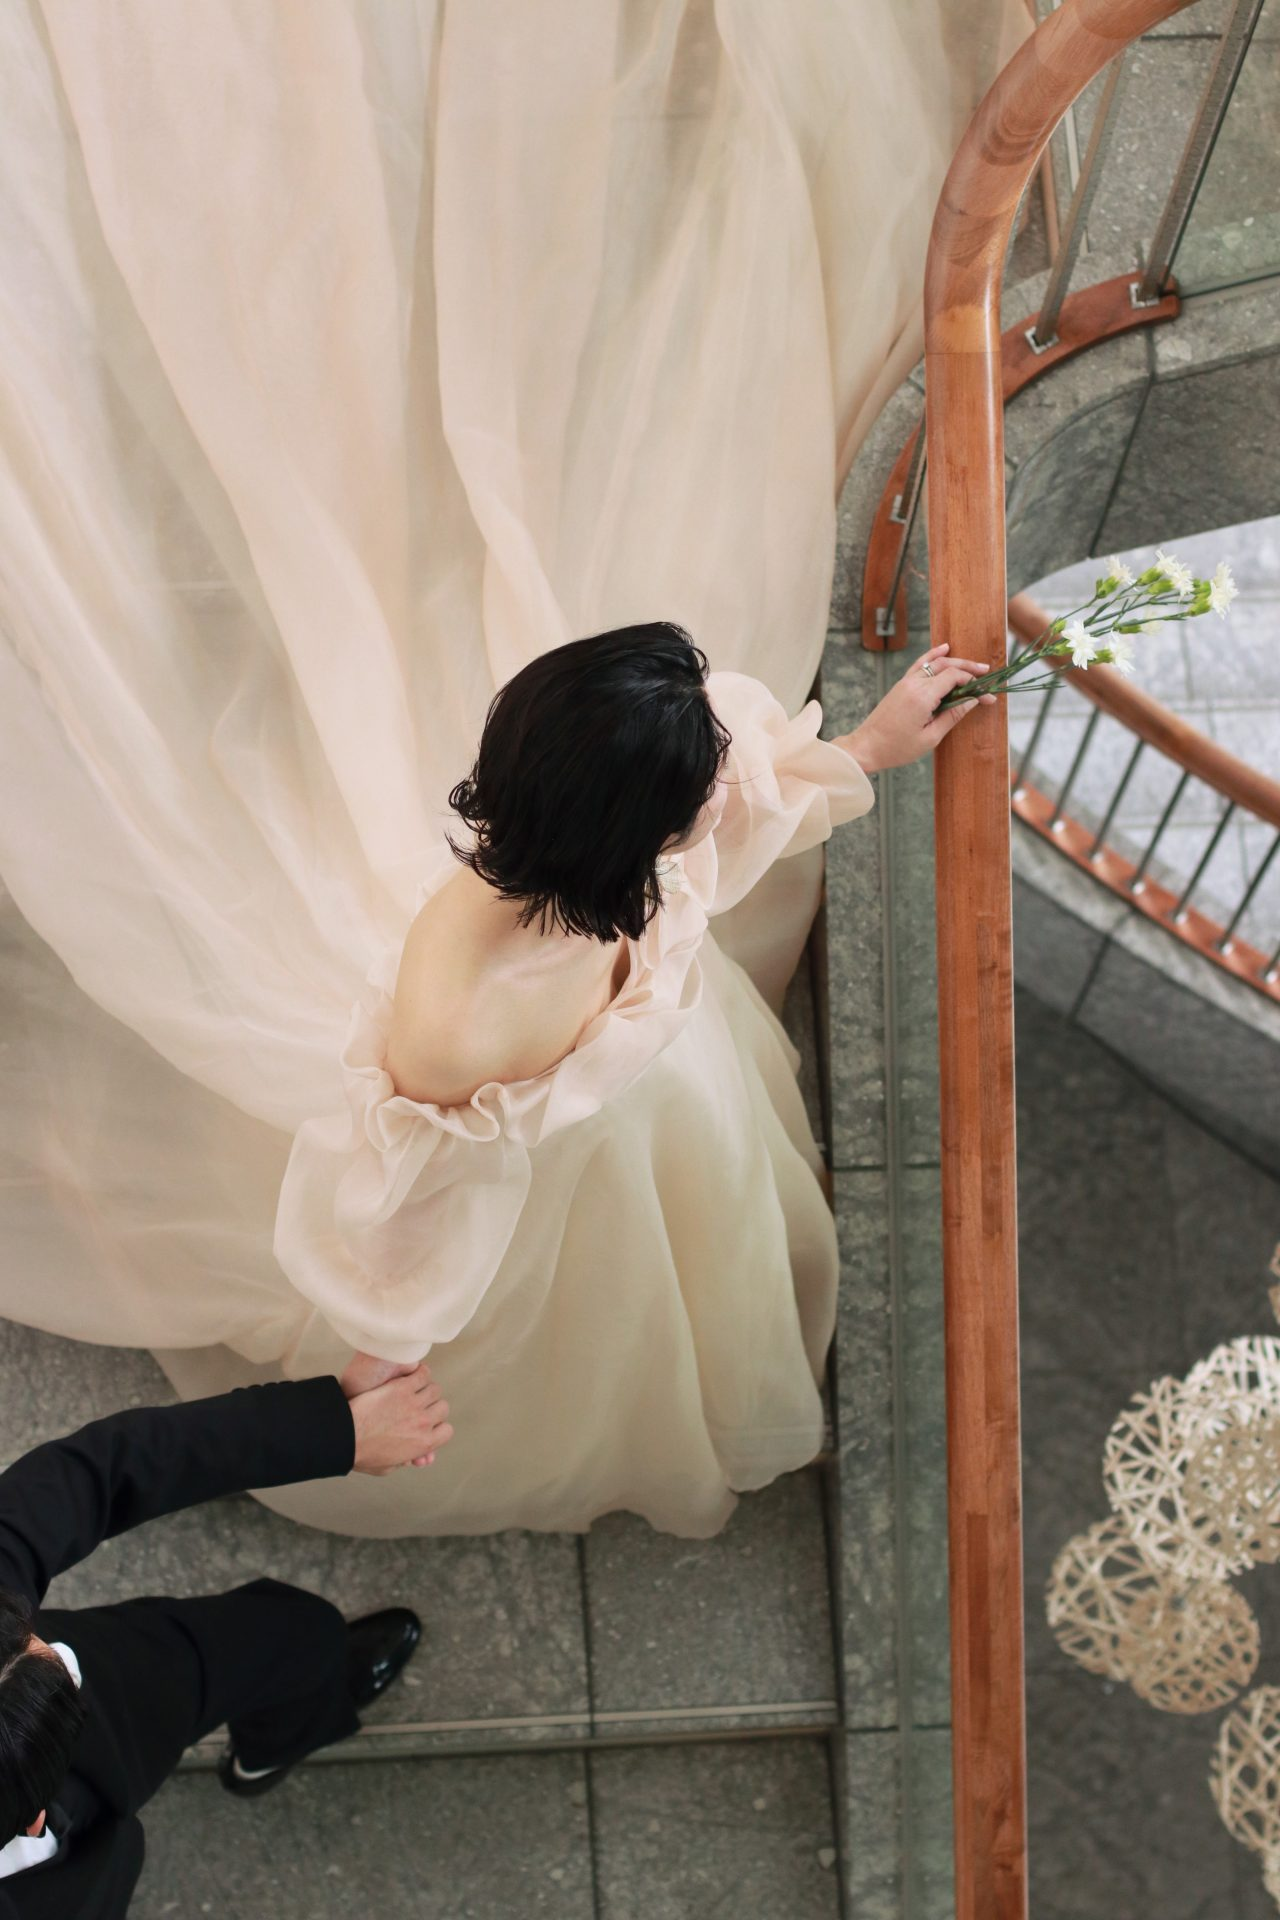 前撮りにもオススメなパレスホテル東京の大理石の螺旋階段では、タキシード姿の新郎に手を引かれ新婦が歩みを進めるような、ロマンティックな写真が残せます